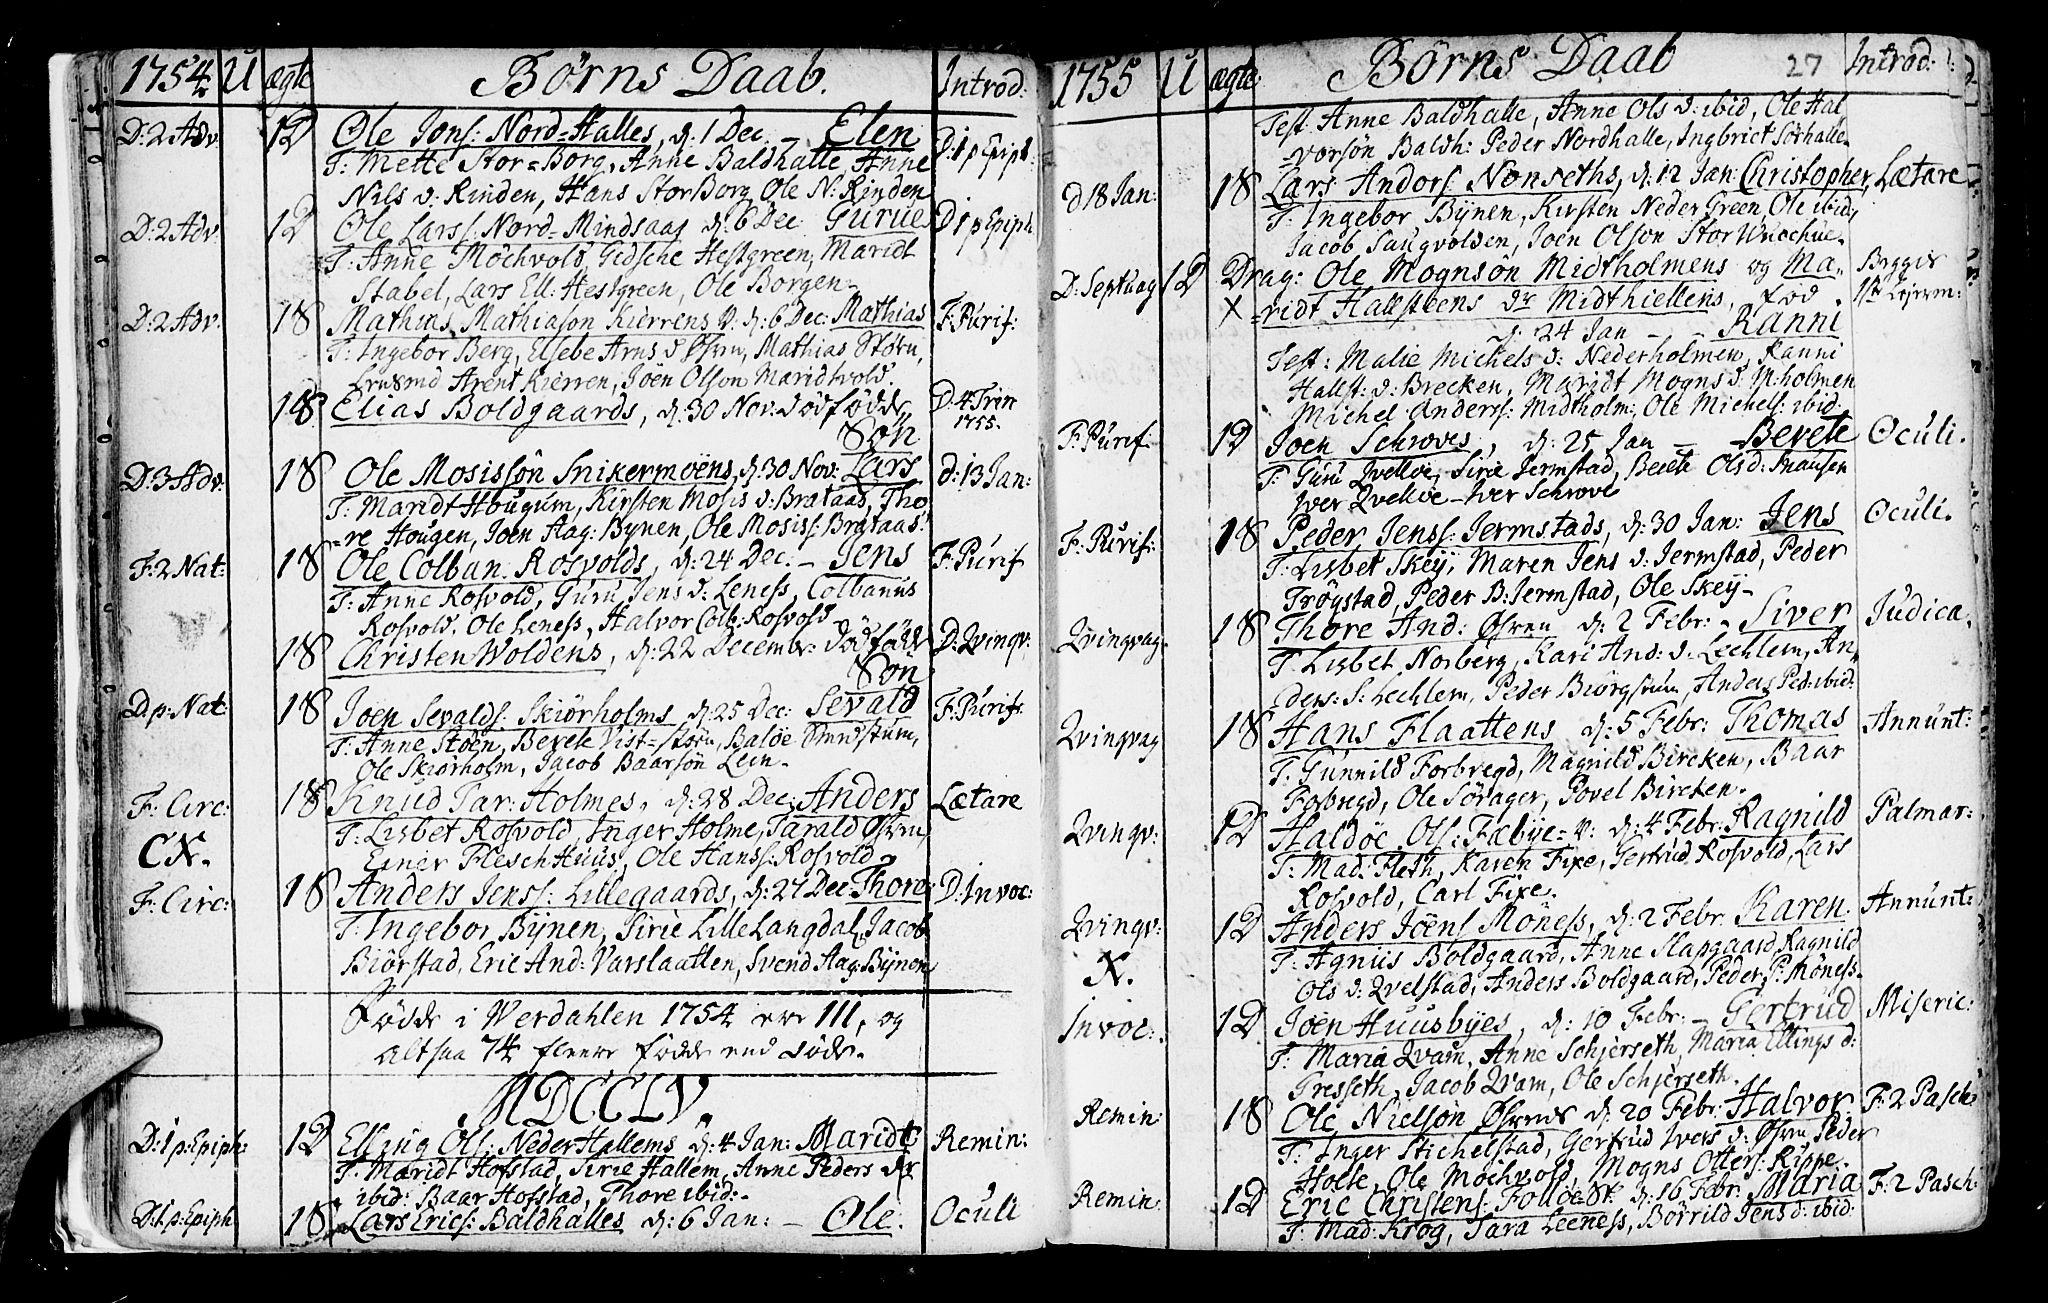 SAT, Ministerialprotokoller, klokkerbøker og fødselsregistre - Nord-Trøndelag, 723/L0231: Ministerialbok nr. 723A02, 1748-1780, s. 27